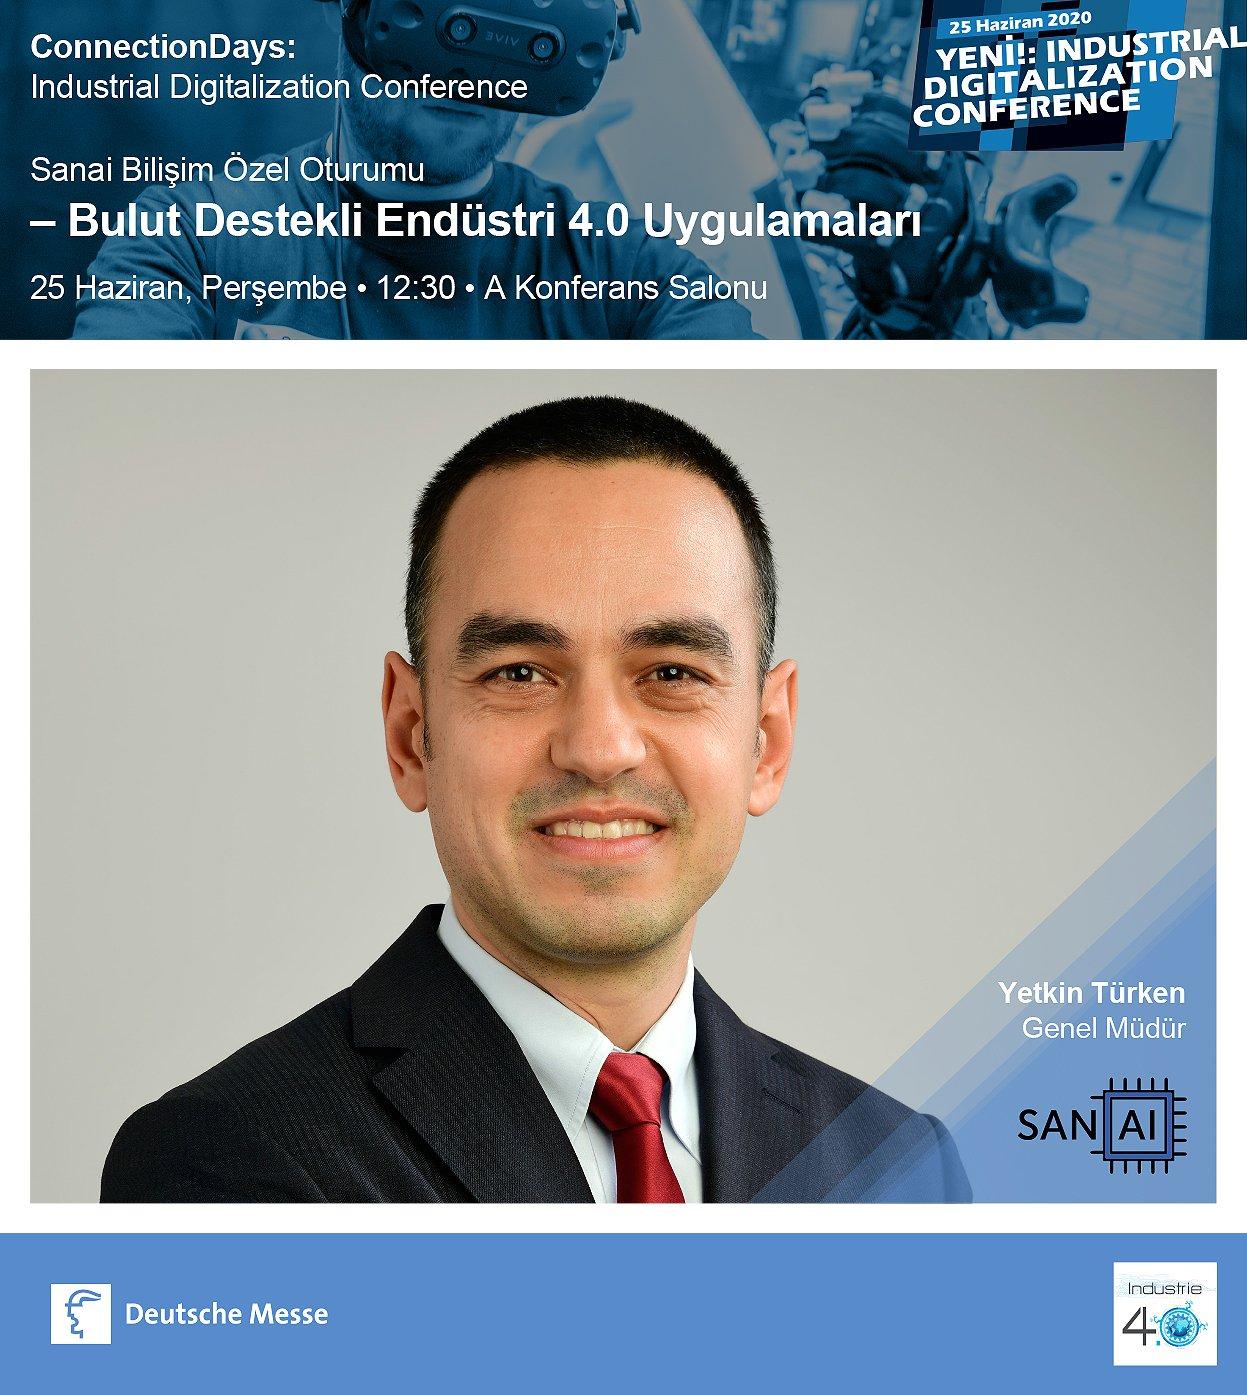 """25 Haziran 2020 tarihinde düzenlenecek olan """"Industrial Digitalization Conference"""" etkinliğine bekliyoruz"""